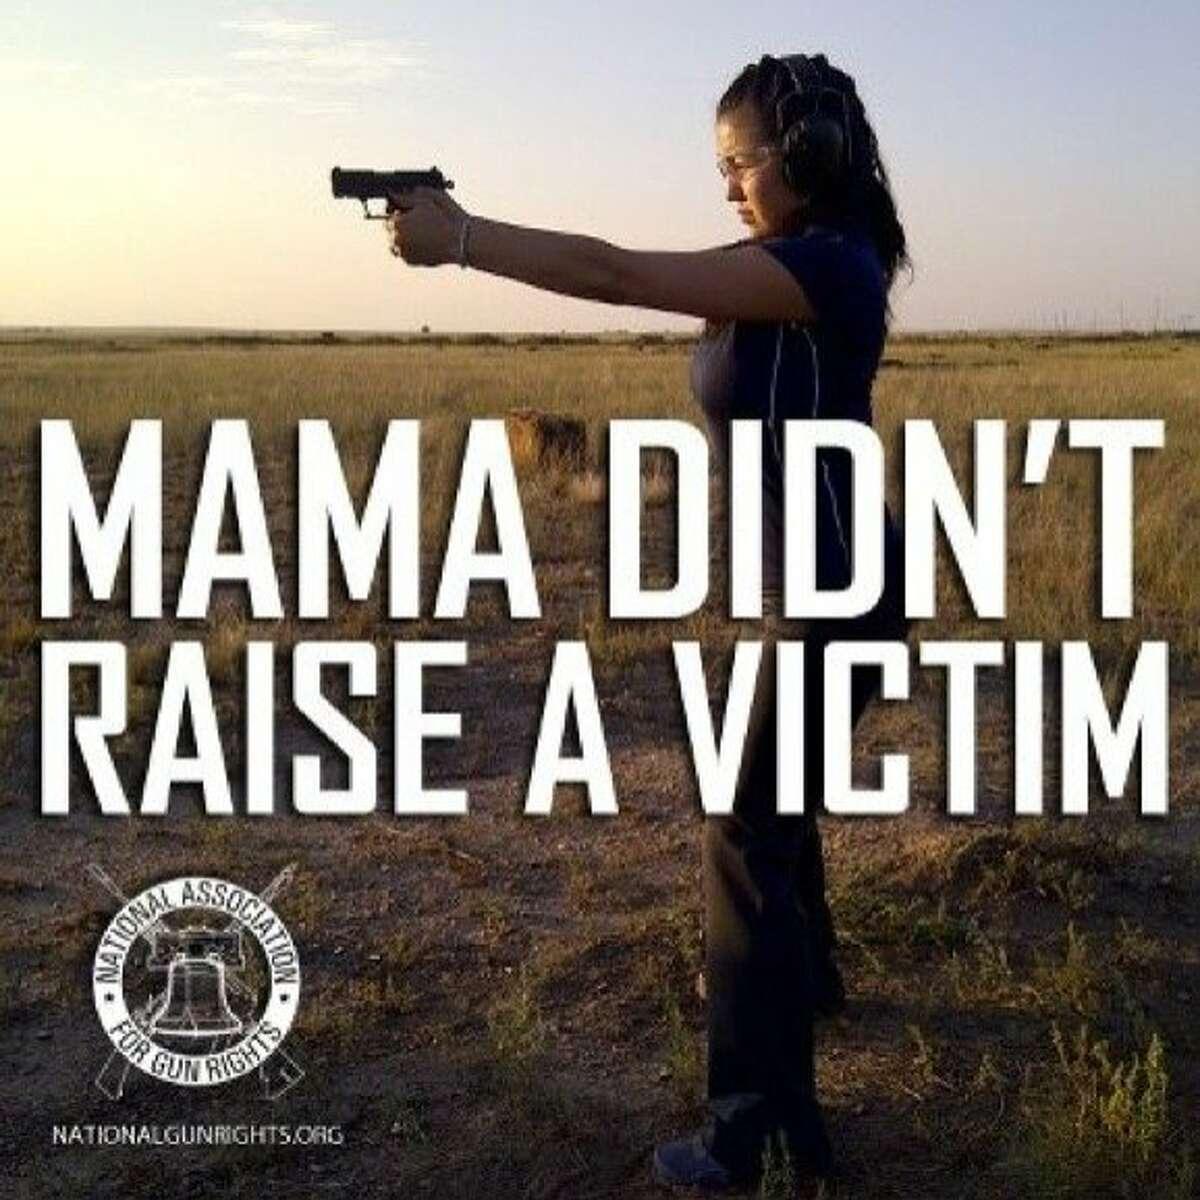 A National Association for Gun Rights advertisement.